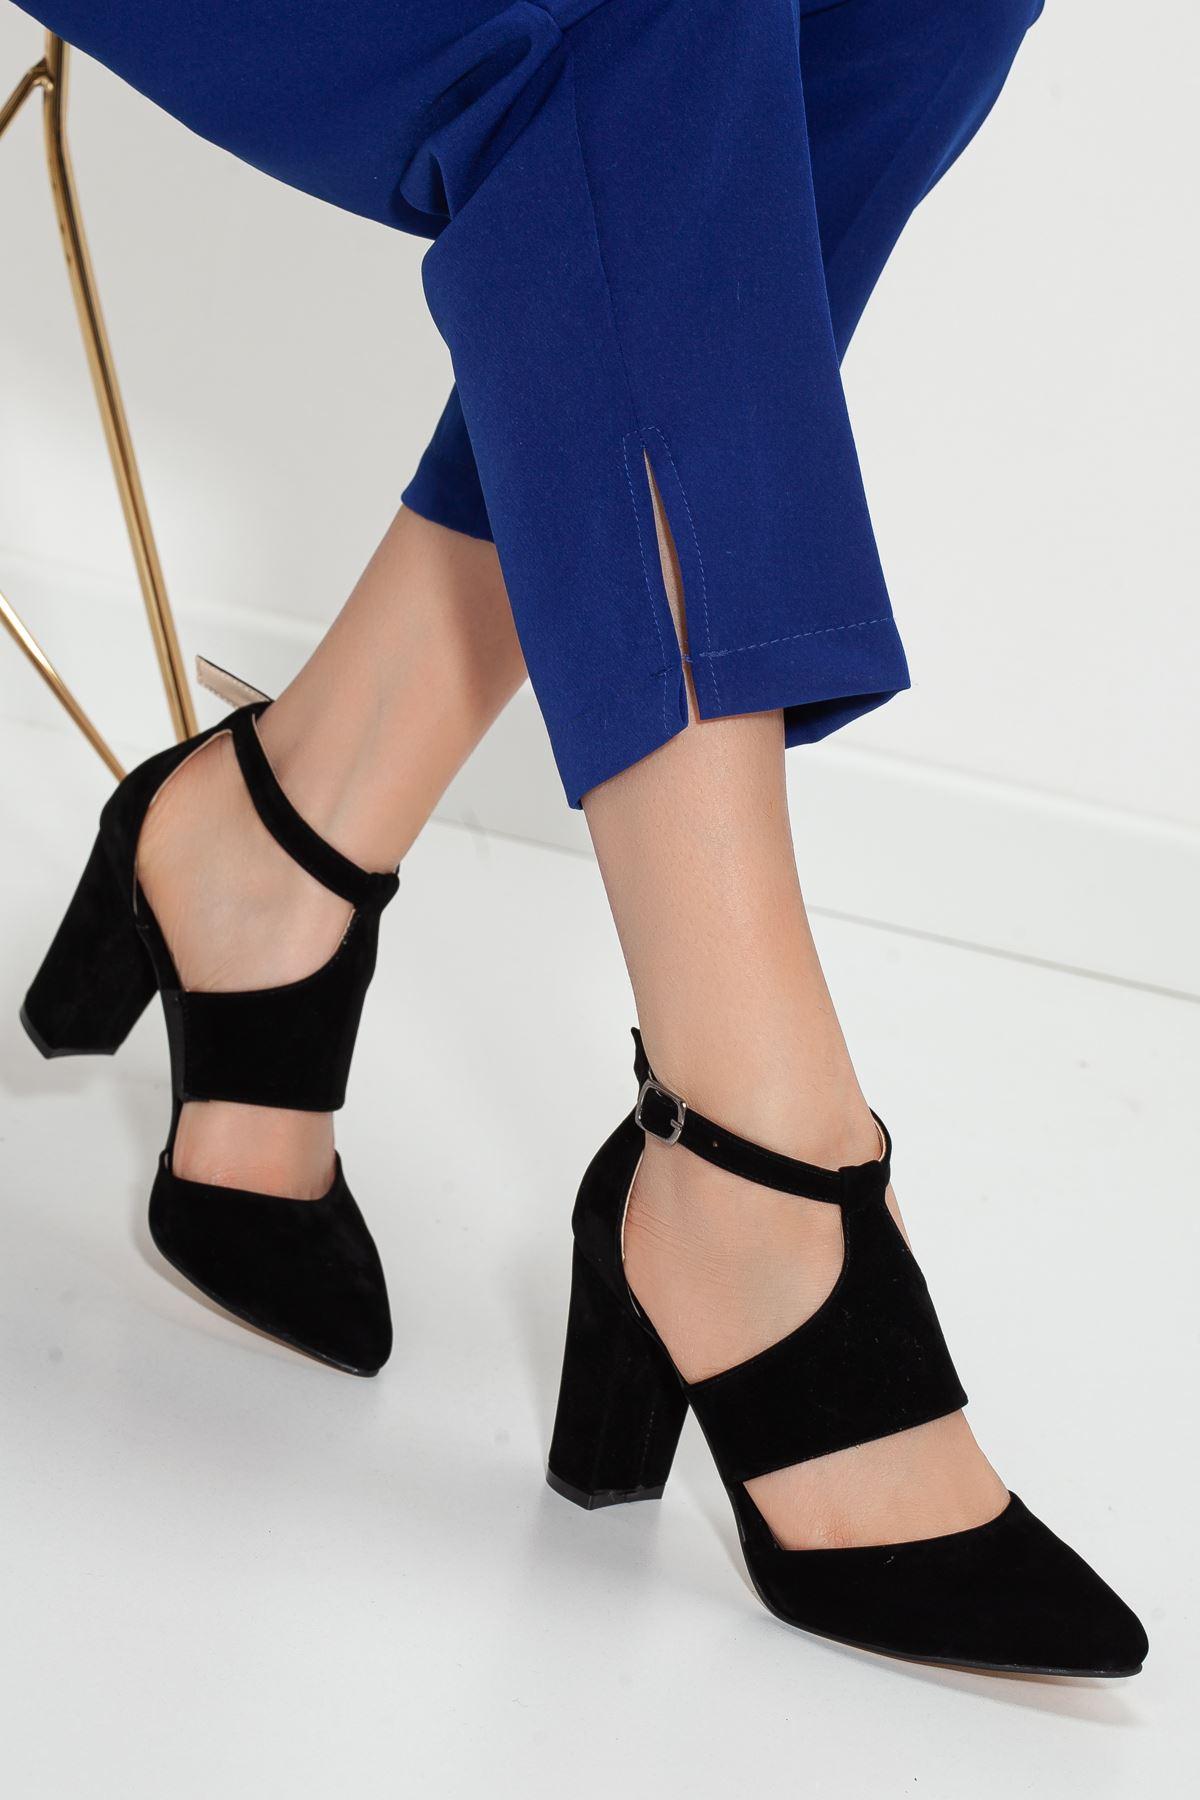 YUBERTA topuklu süet ayakkabı Siyah